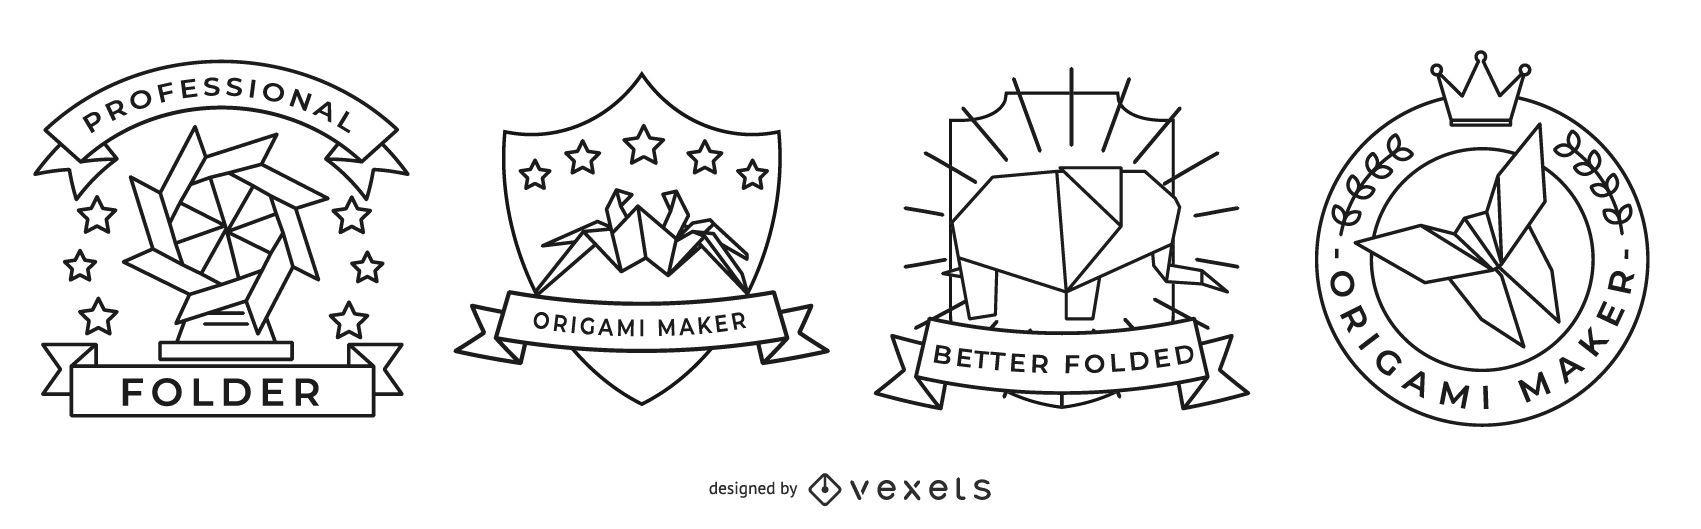 Origami badges designs